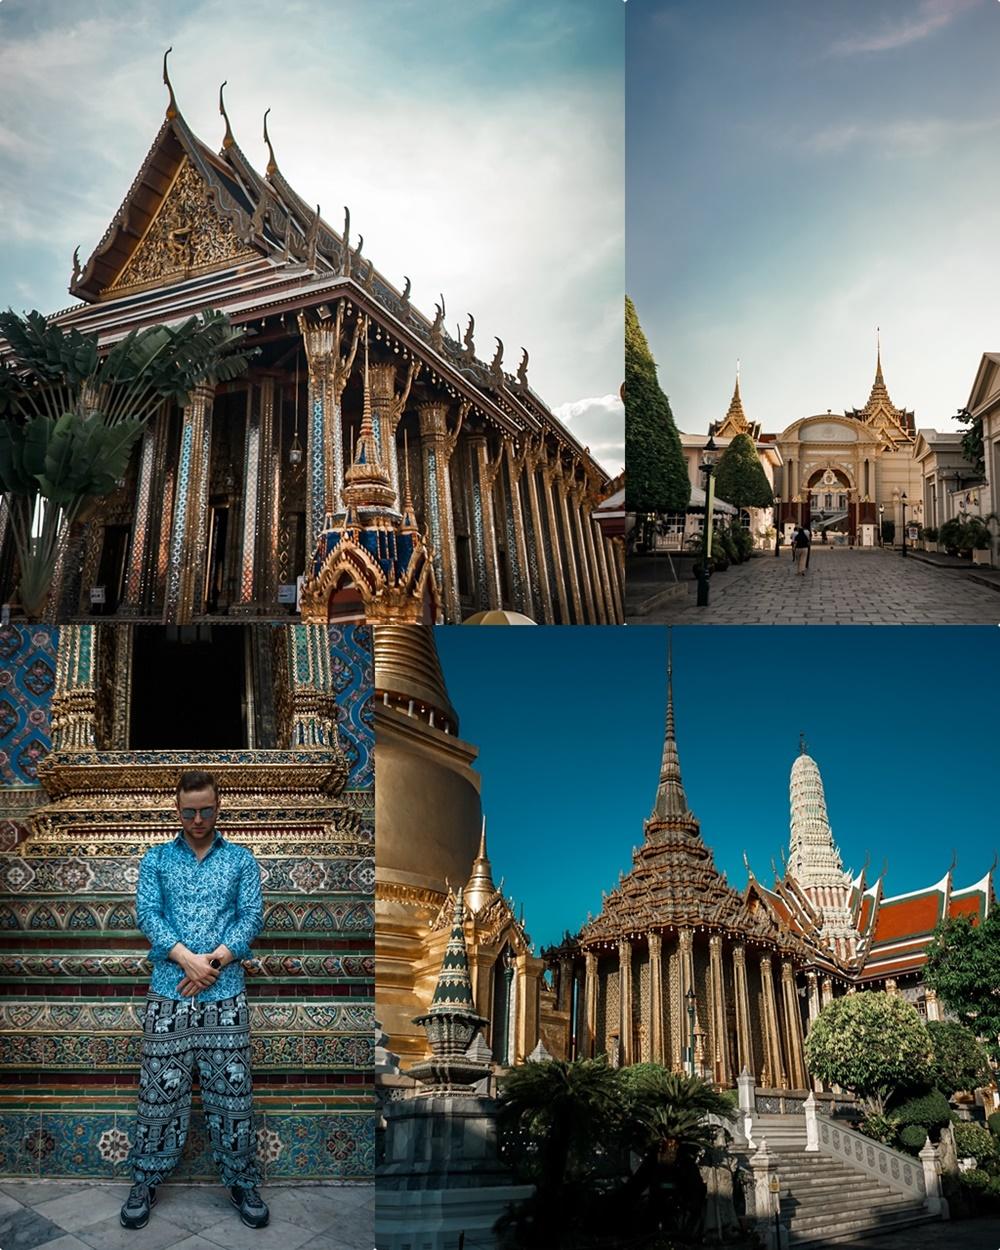 Golden Palace & Grand Palace (oben links und rechts), Wat Phra Kaeo (unten rechts)